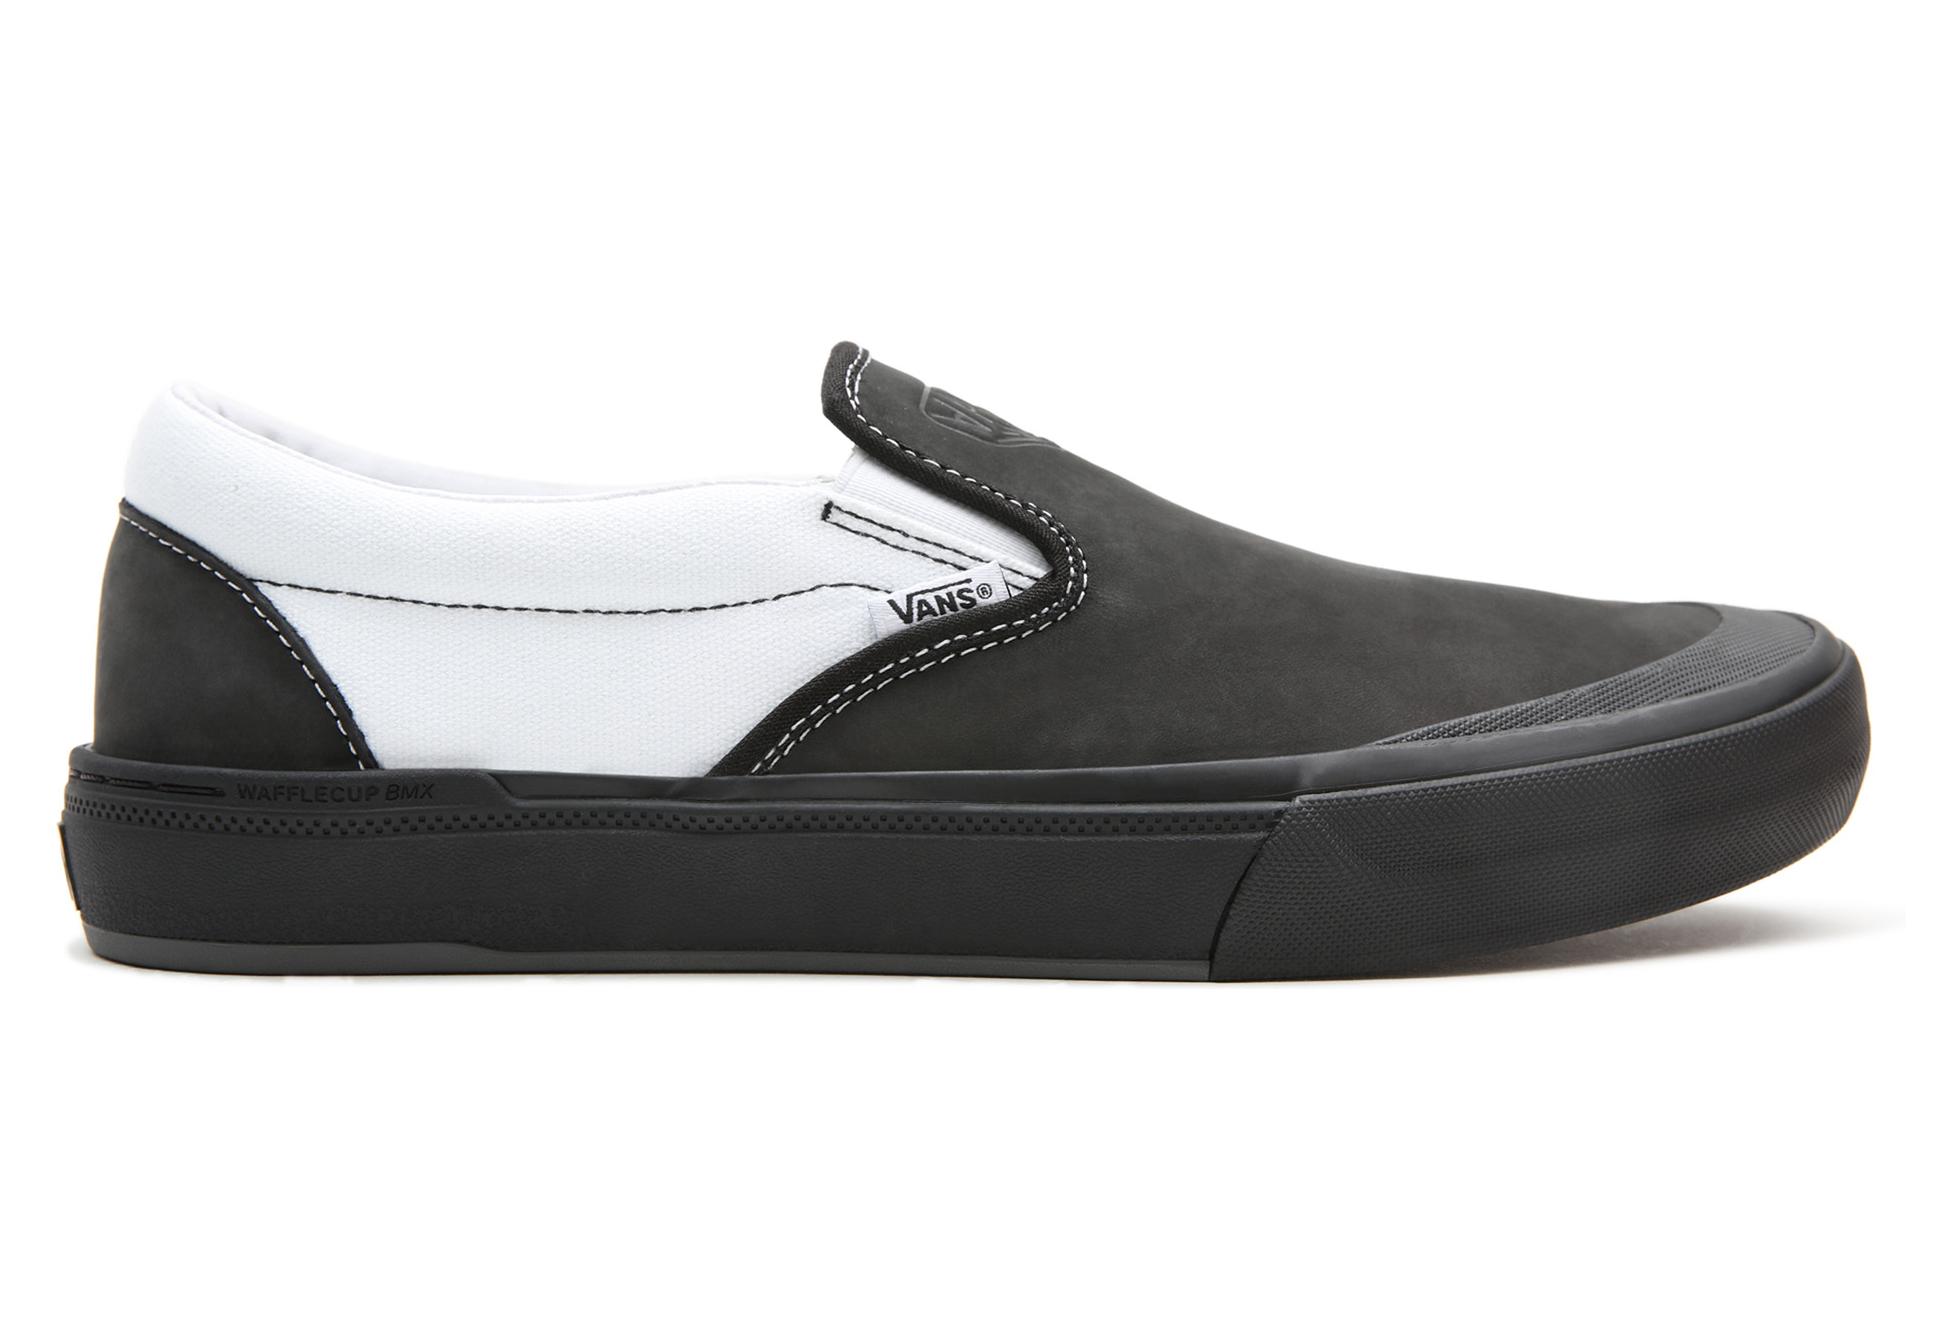 Vans Slip-On (DAK) BMX Shoes Black / White | Alltricks.com